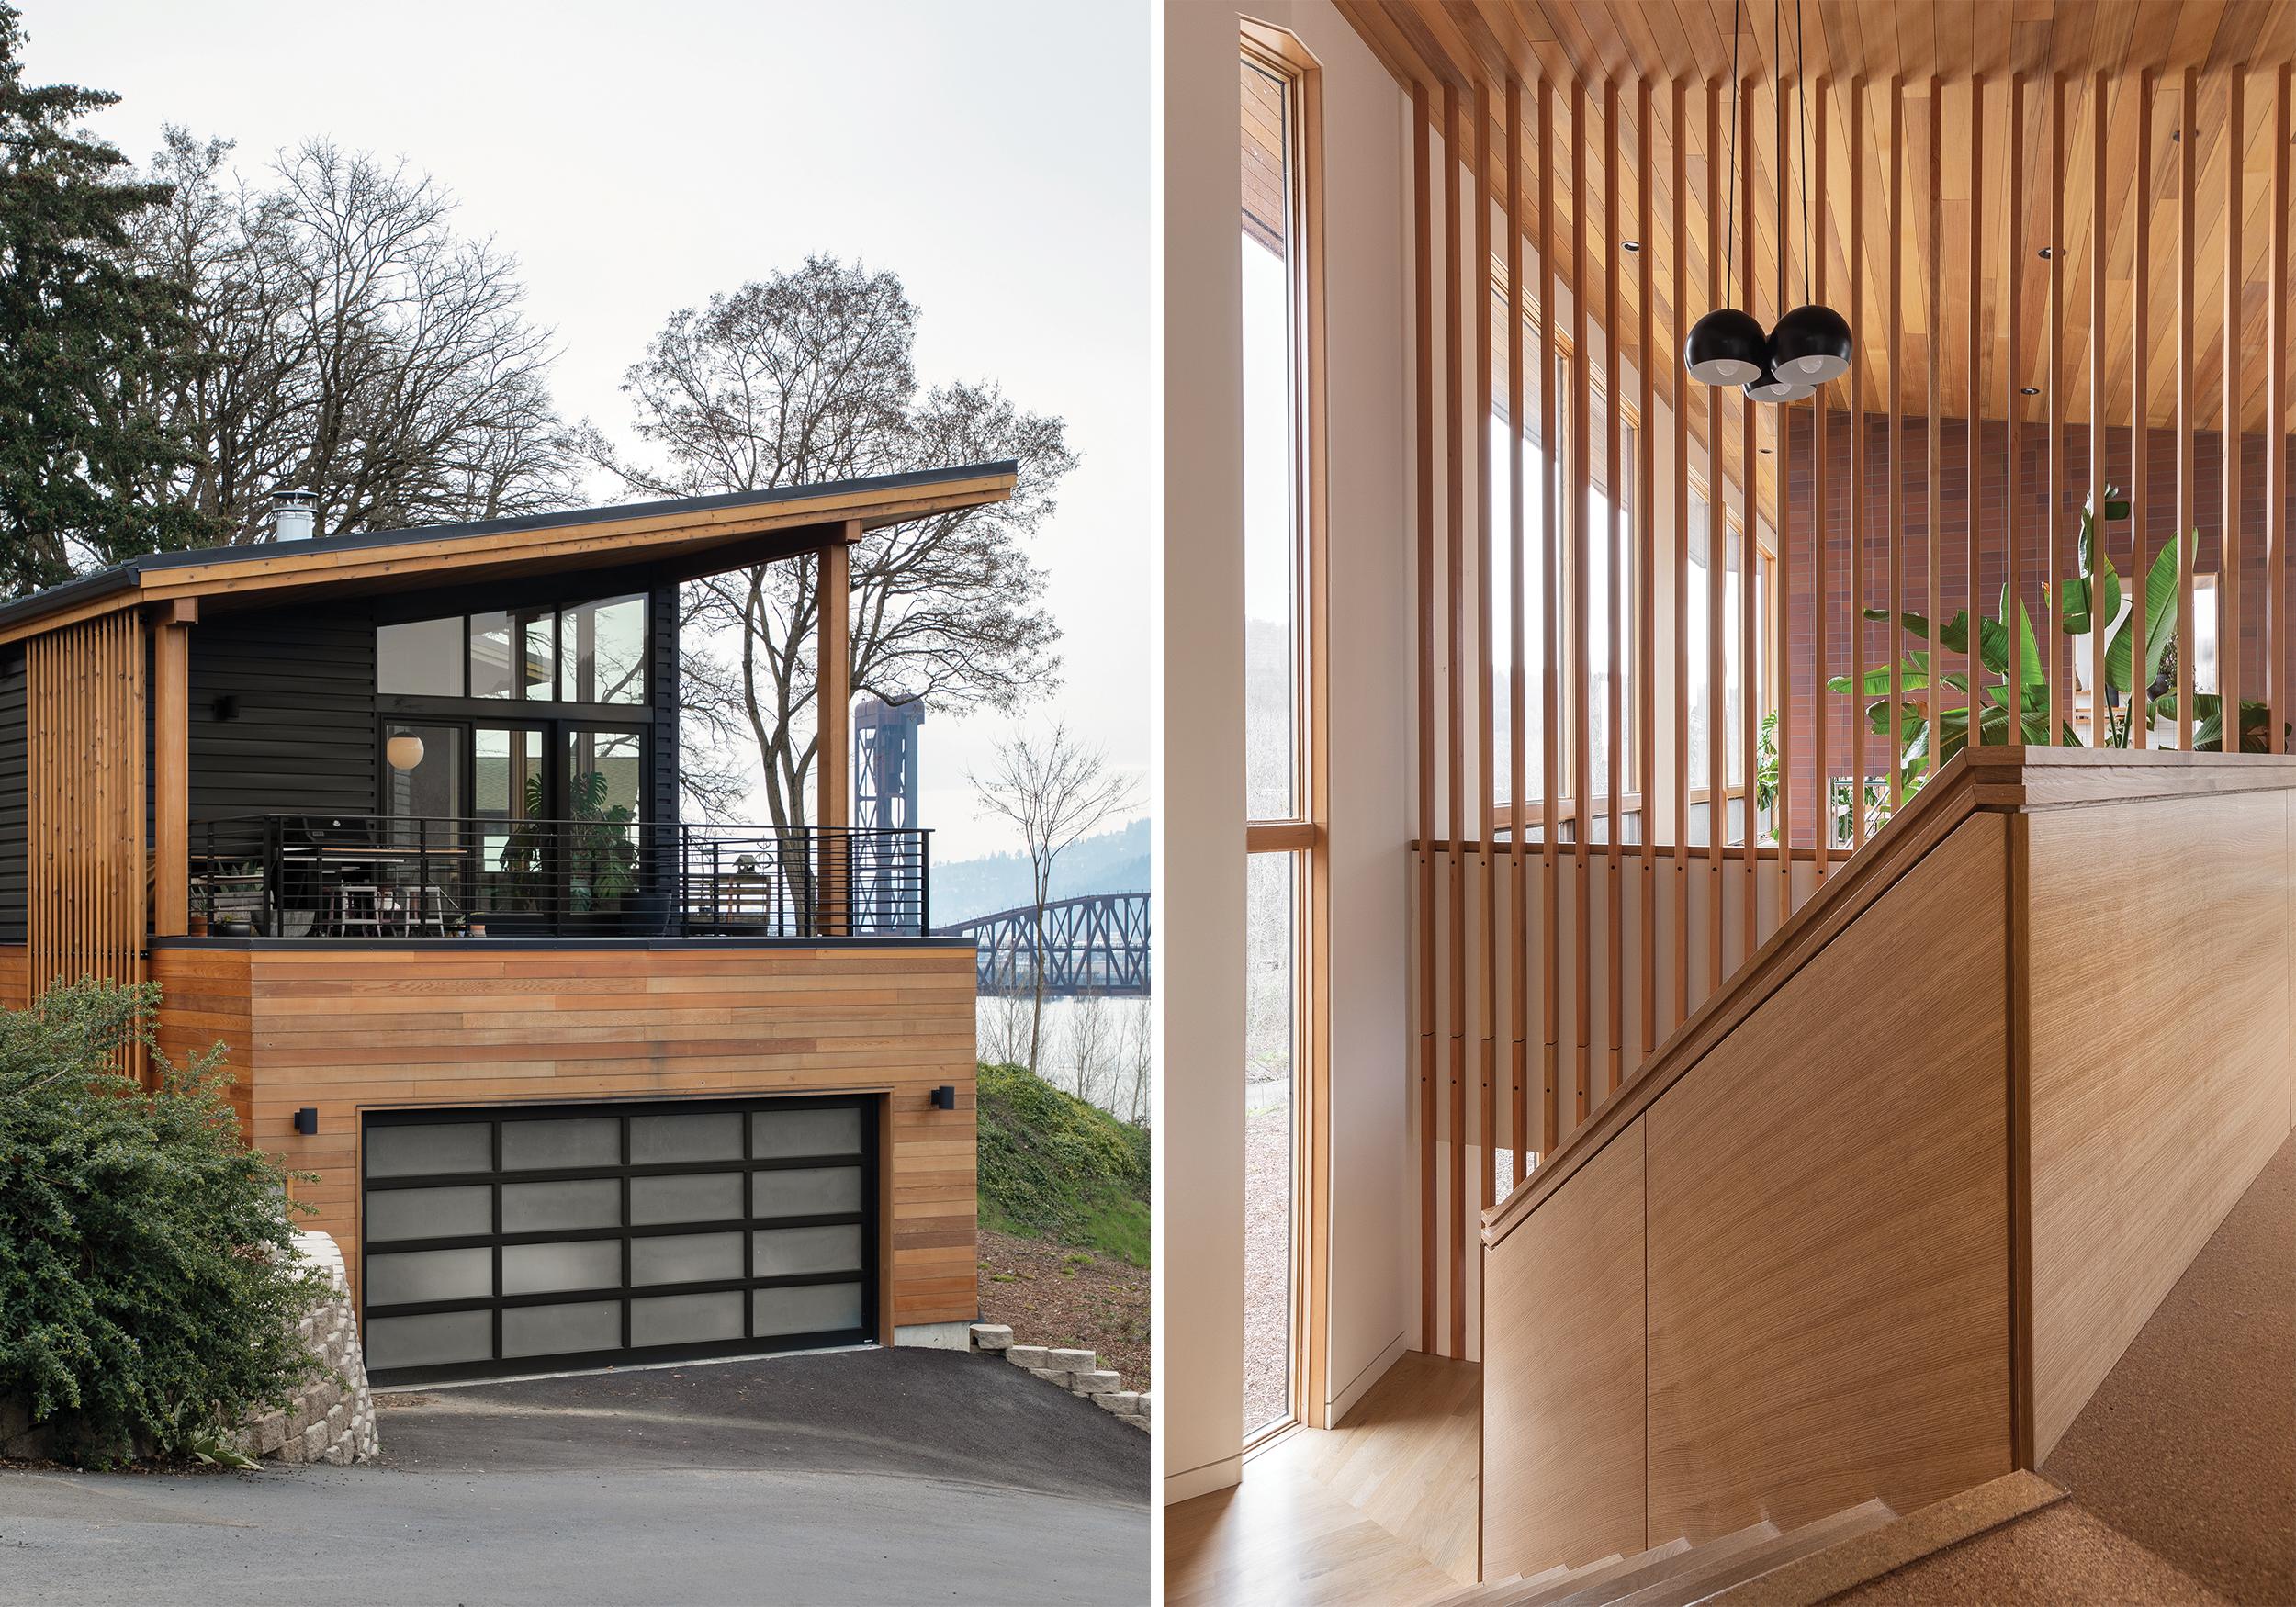 Guggenheim Architecture Portland_St Johns Residence-02-01.jpg